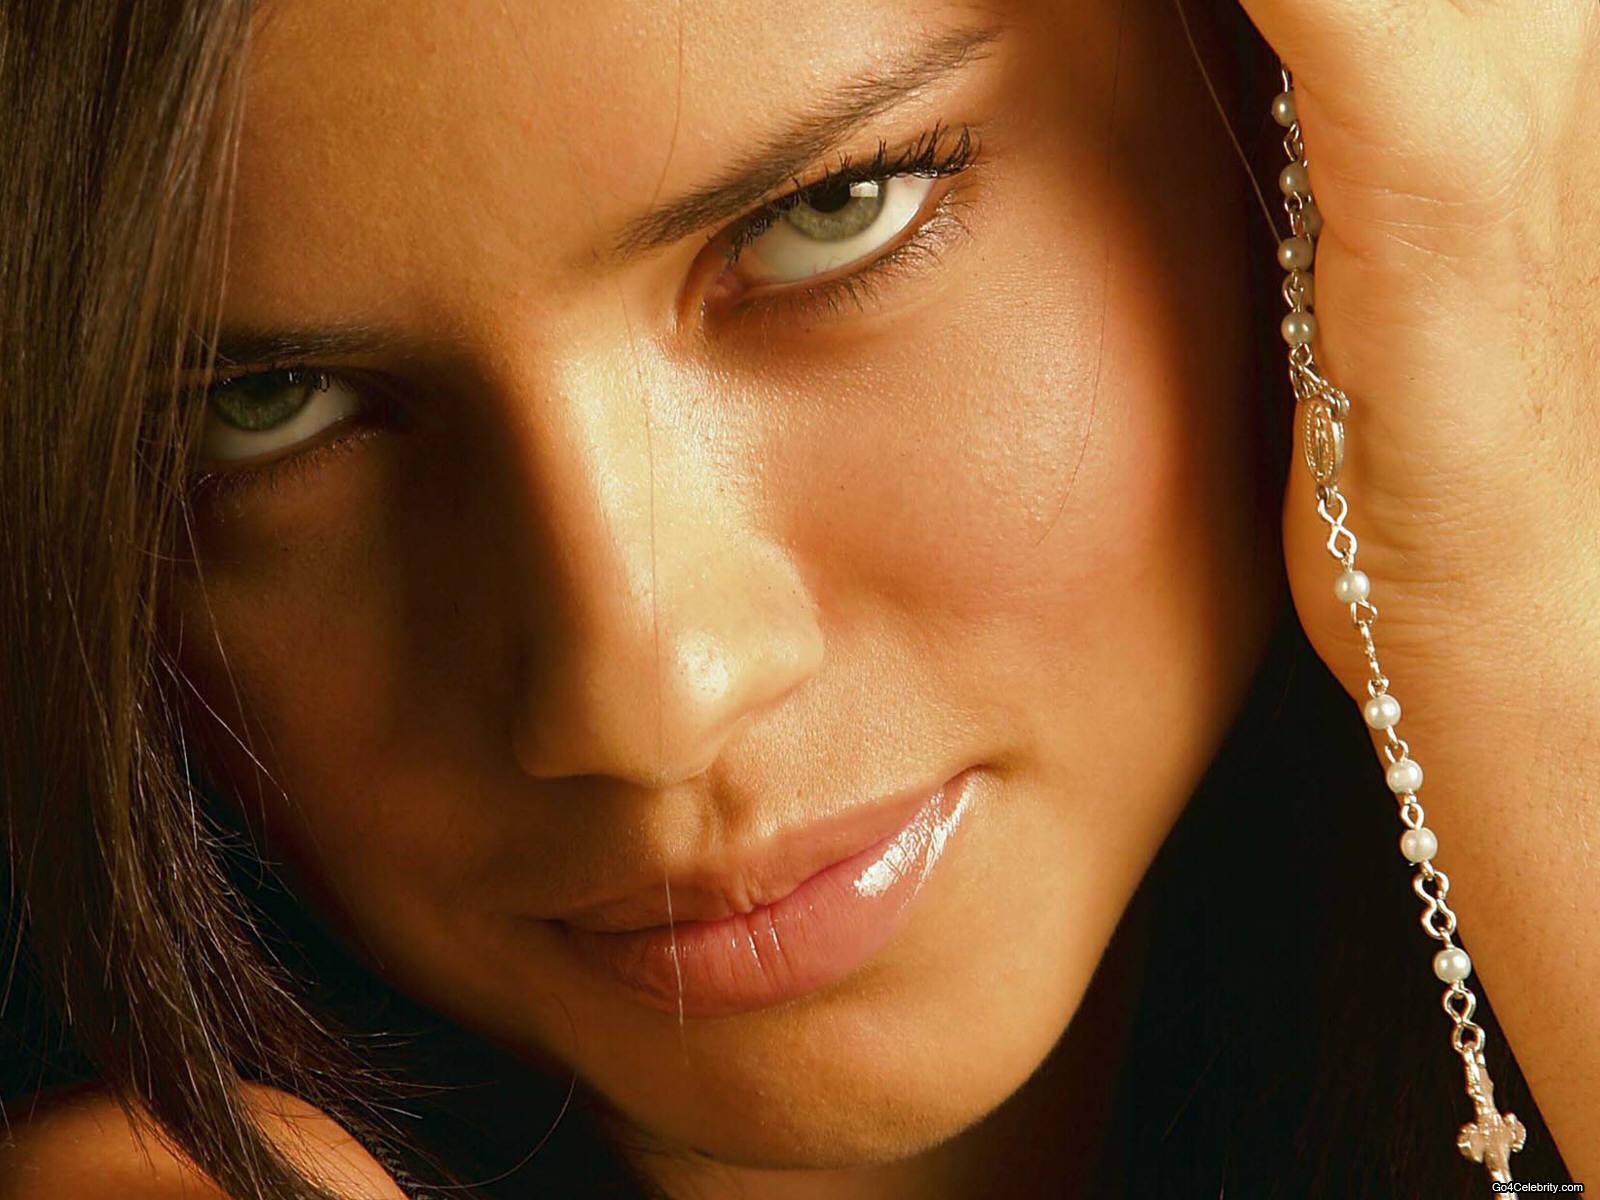 http://3.bp.blogspot.com/-yerJqZXJ1UQ/T6DSiVw_eVI/AAAAAAAAAfc/yfv0YndXMmQ/s1600/Adriana%2Blima%2Bwallpapers%2B6.jpg